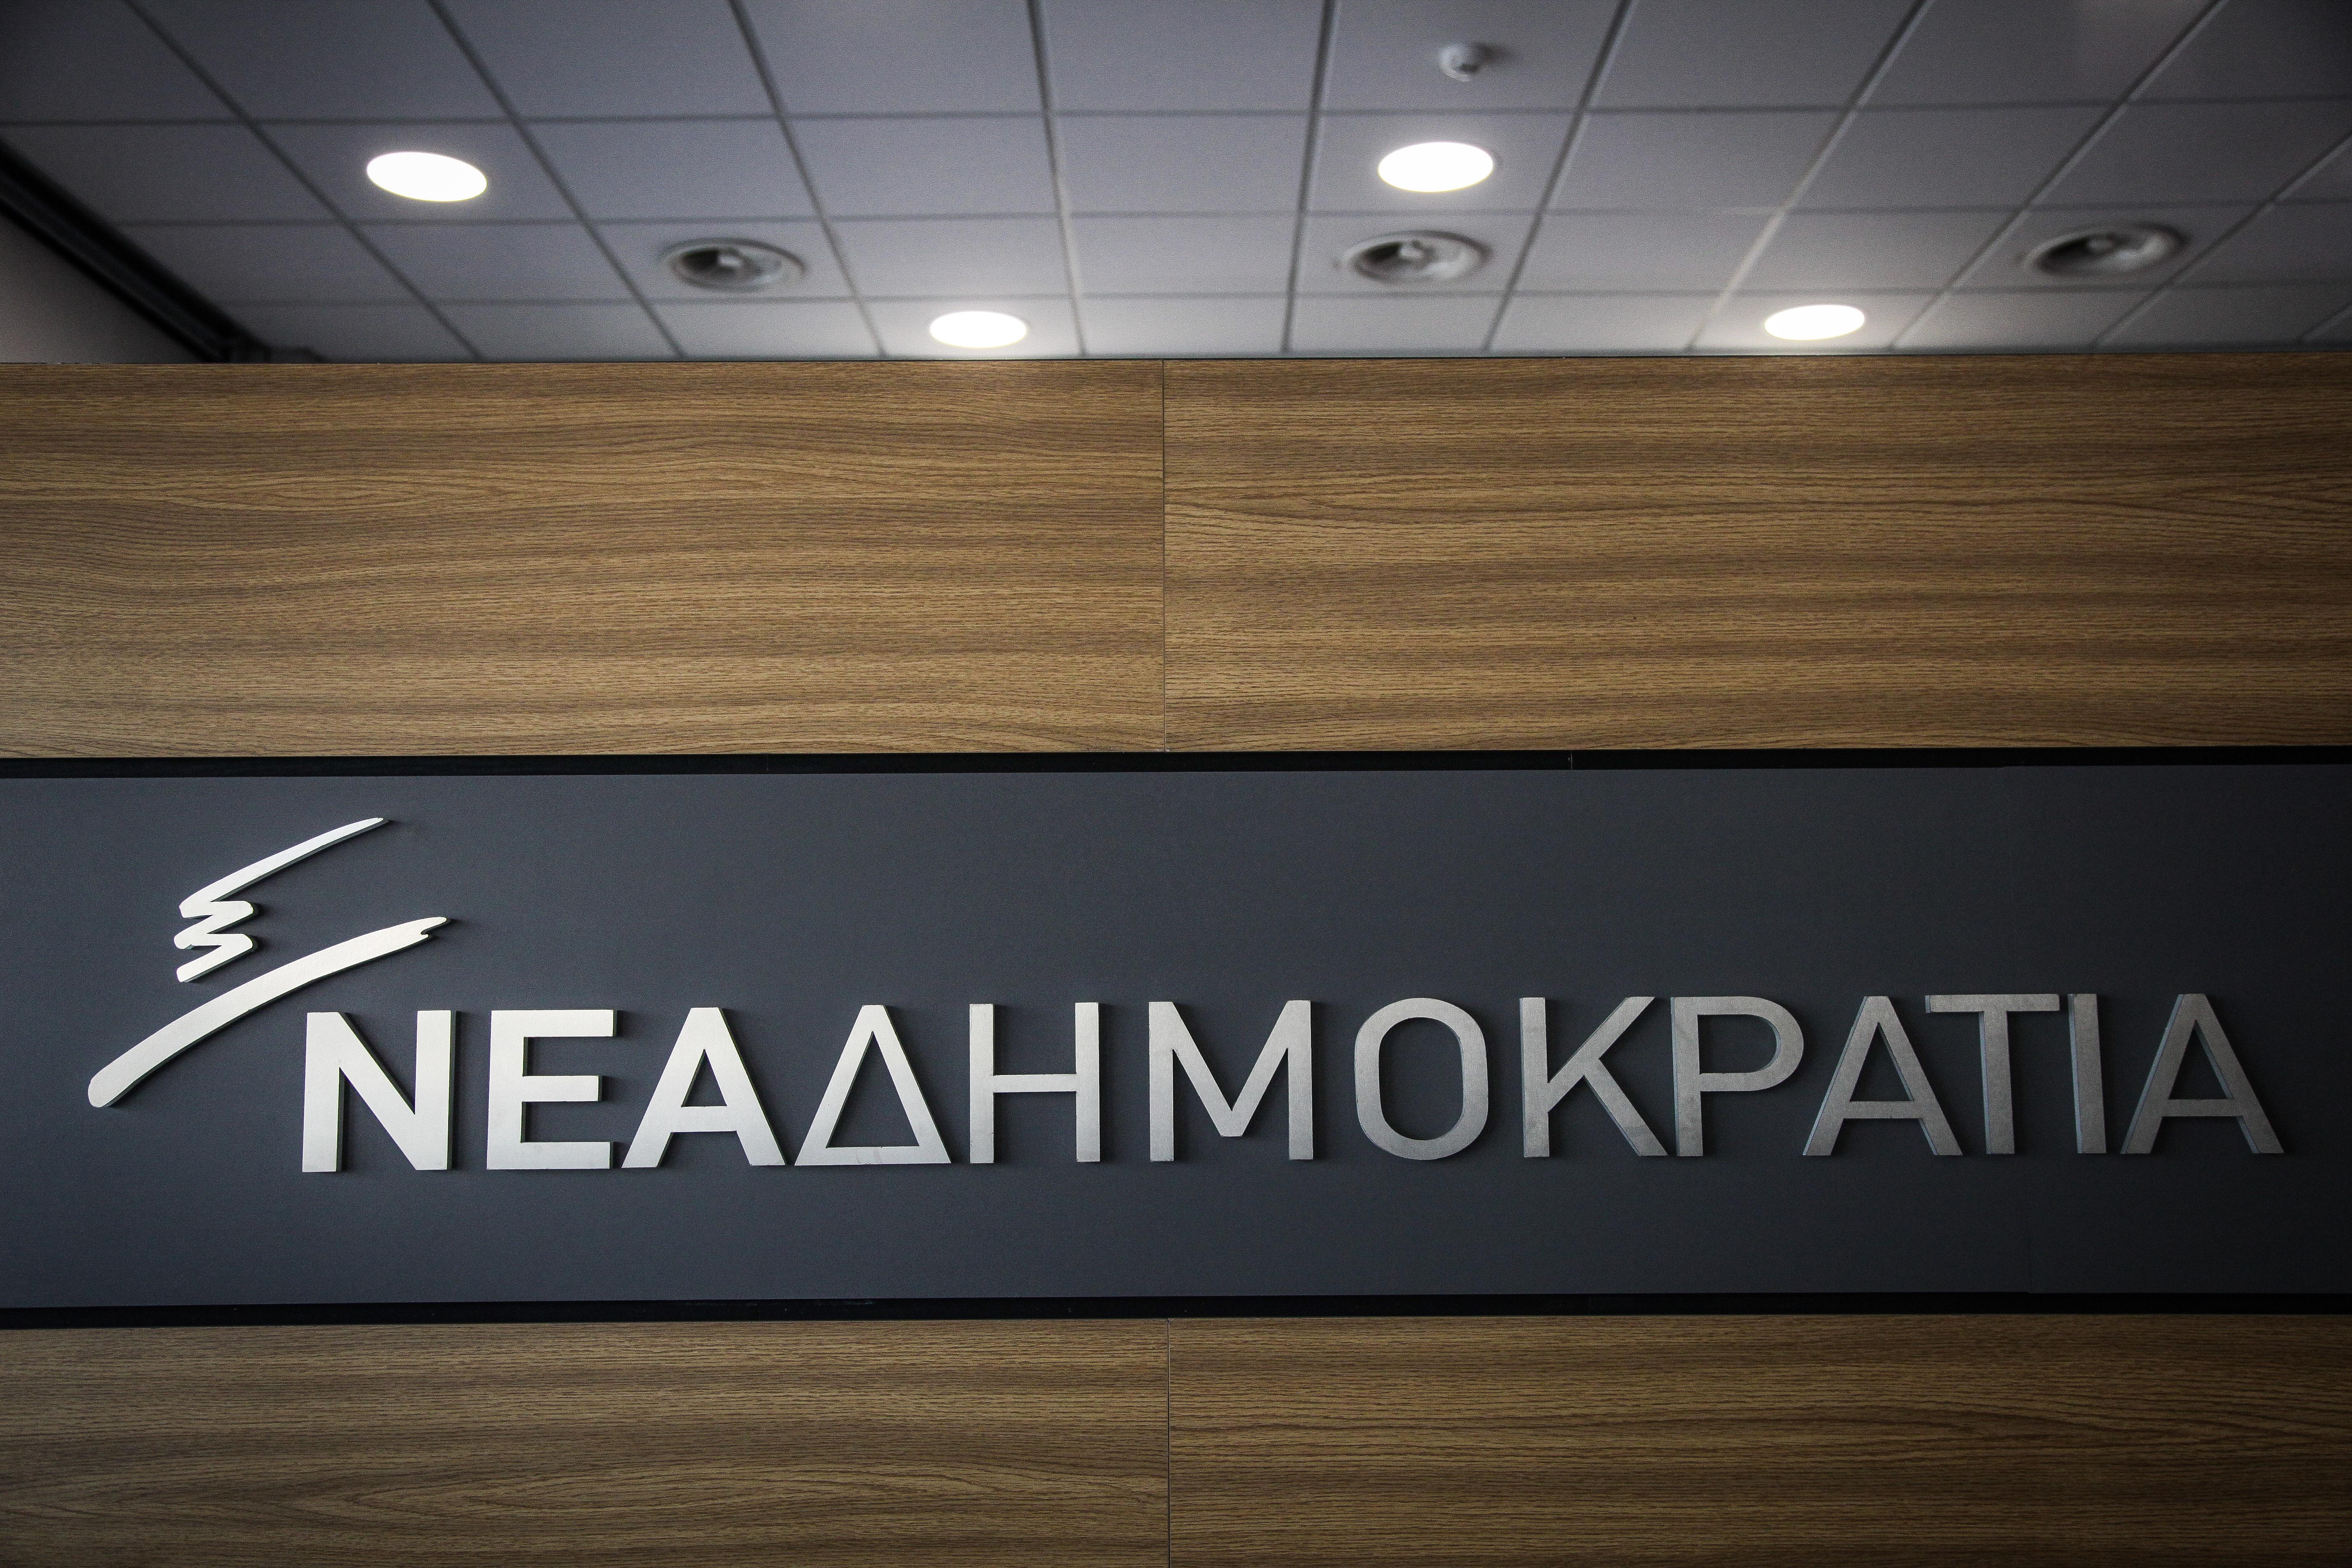 Καυστικό σχόλιο της ΝΔ για τον επικείμενο ανασχηματισμό | tovima.gr